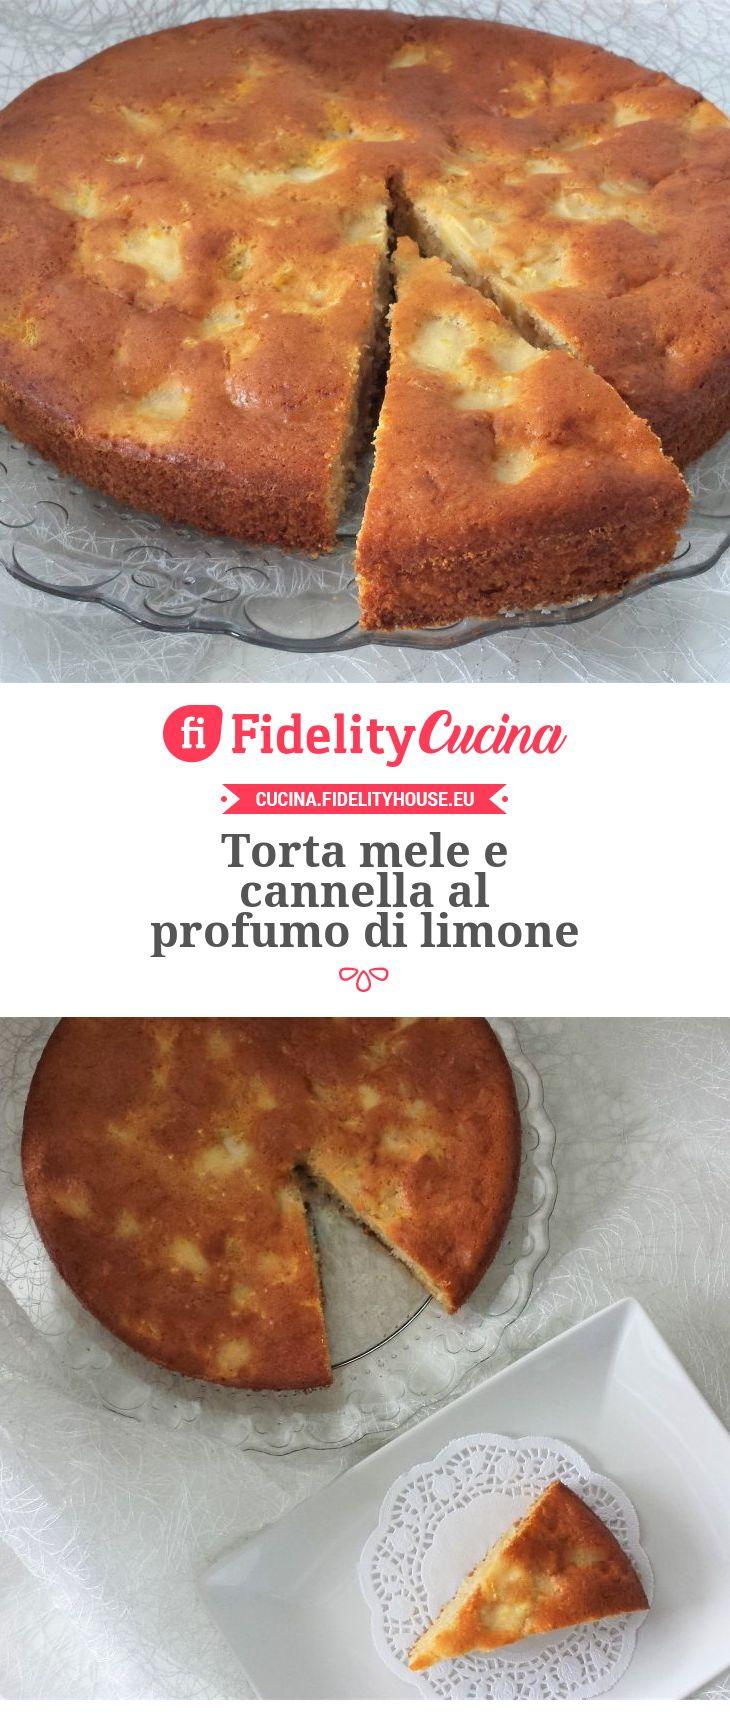 Al Banana Profumo Mele Bread E Cannella Di Limonedolci Torta v7Yb6gyf